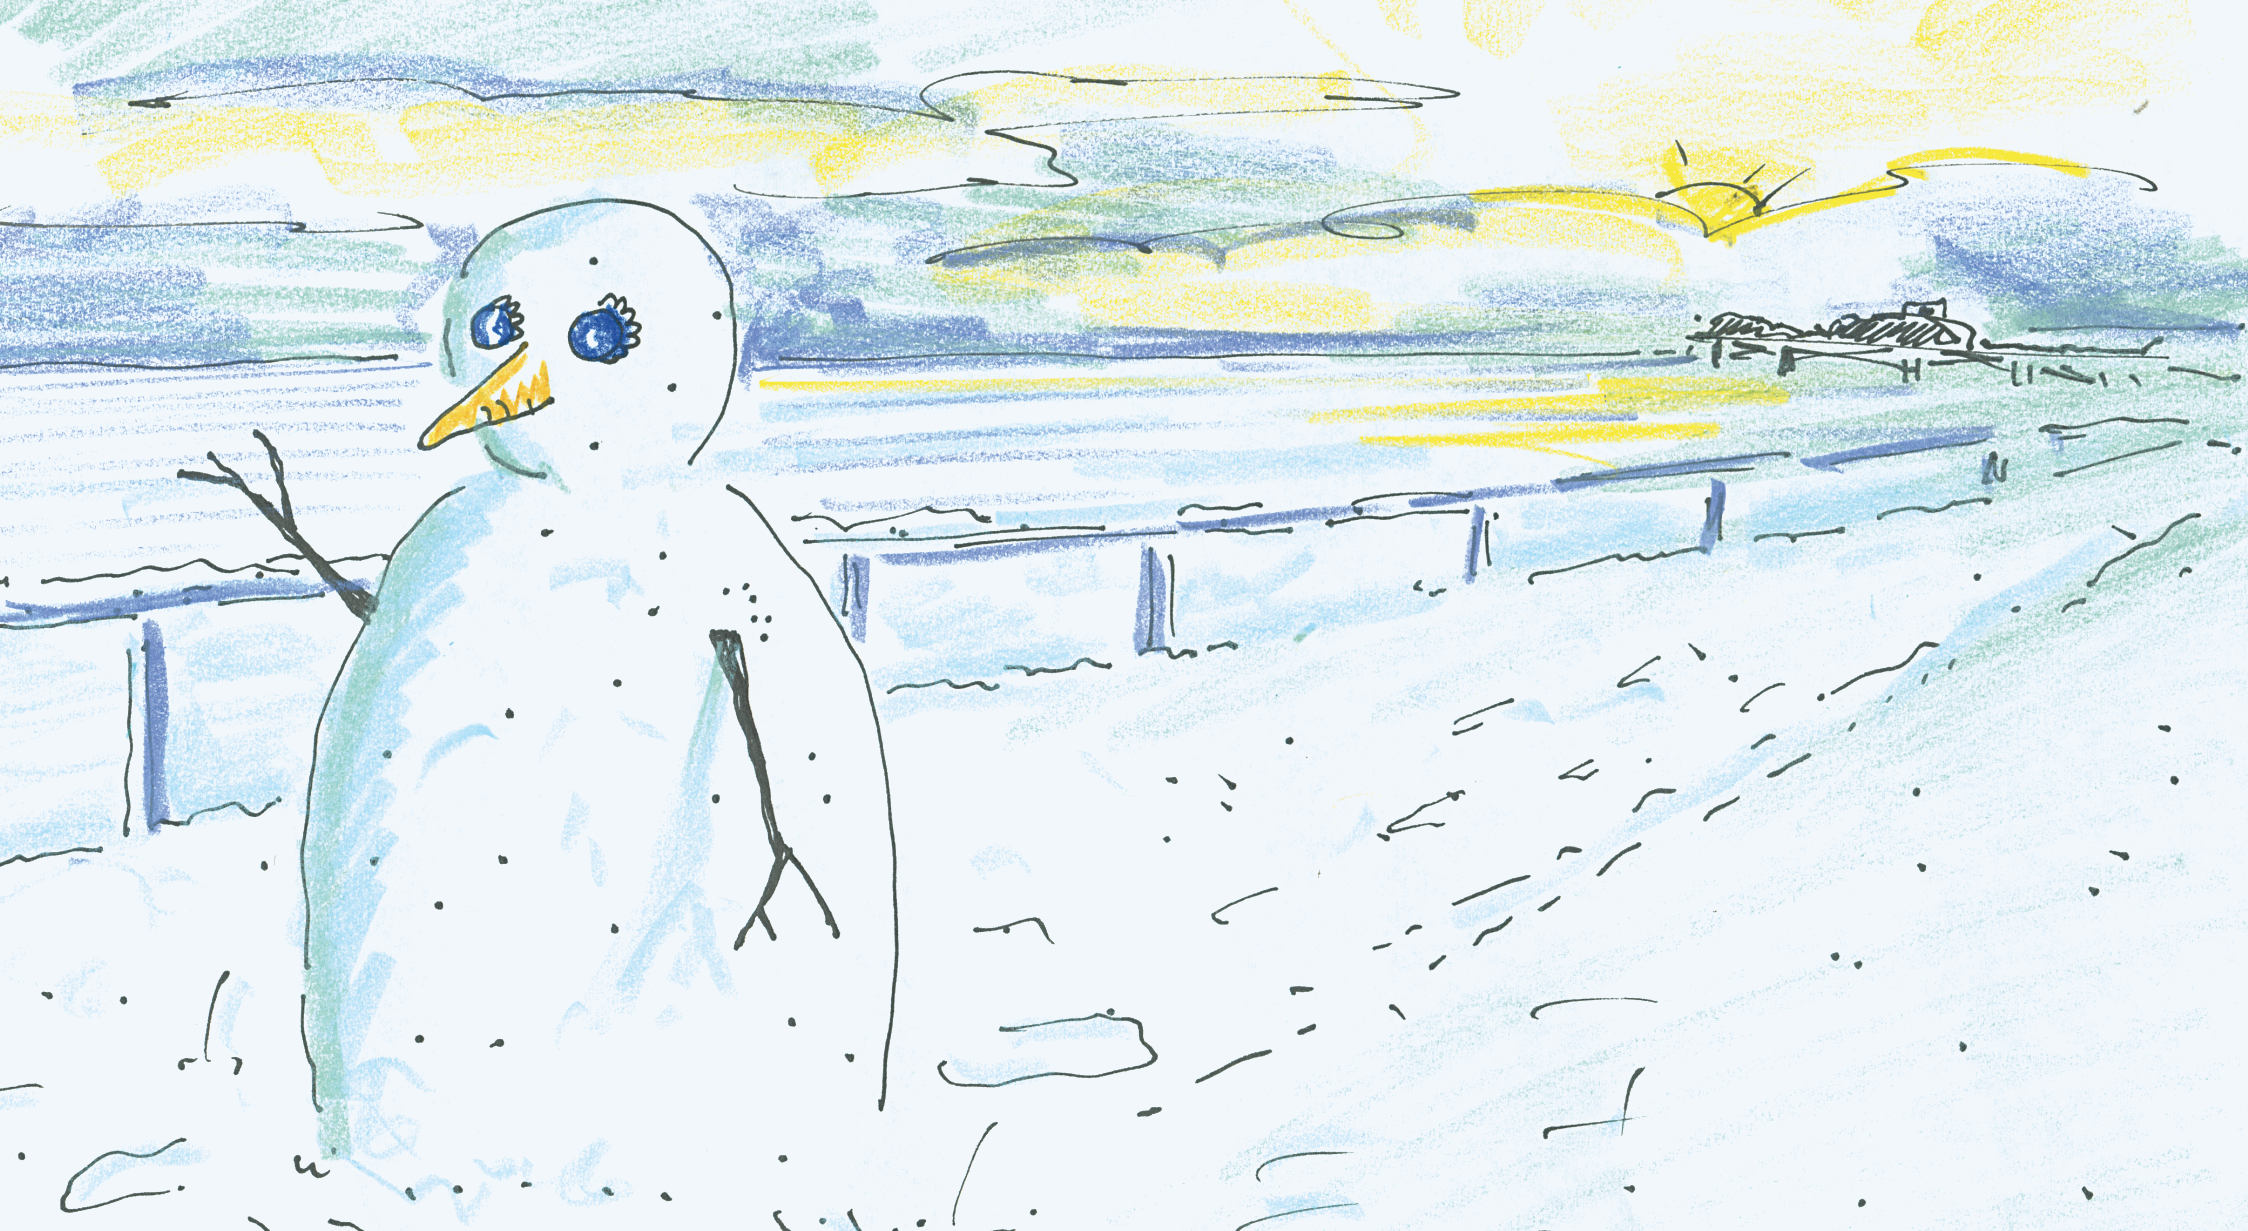 Adnams 'Snowman' Christmas Card' Dave Rough